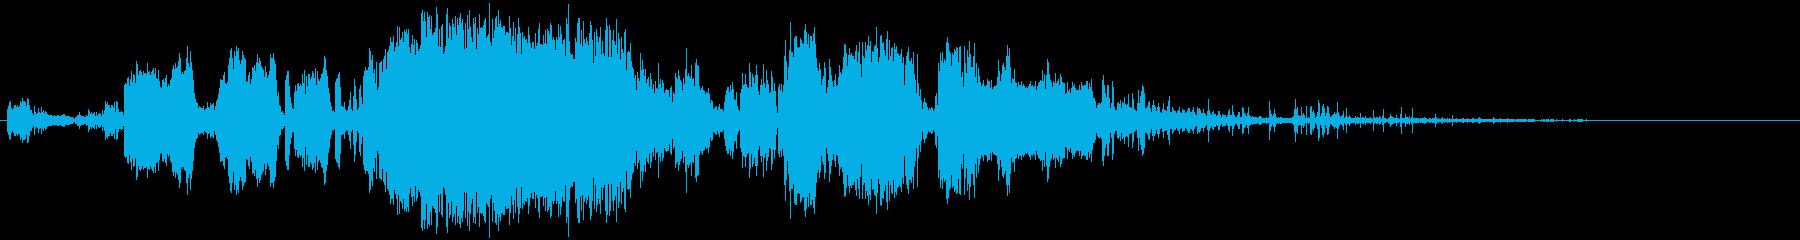 大きな電気スパークの再生済みの波形